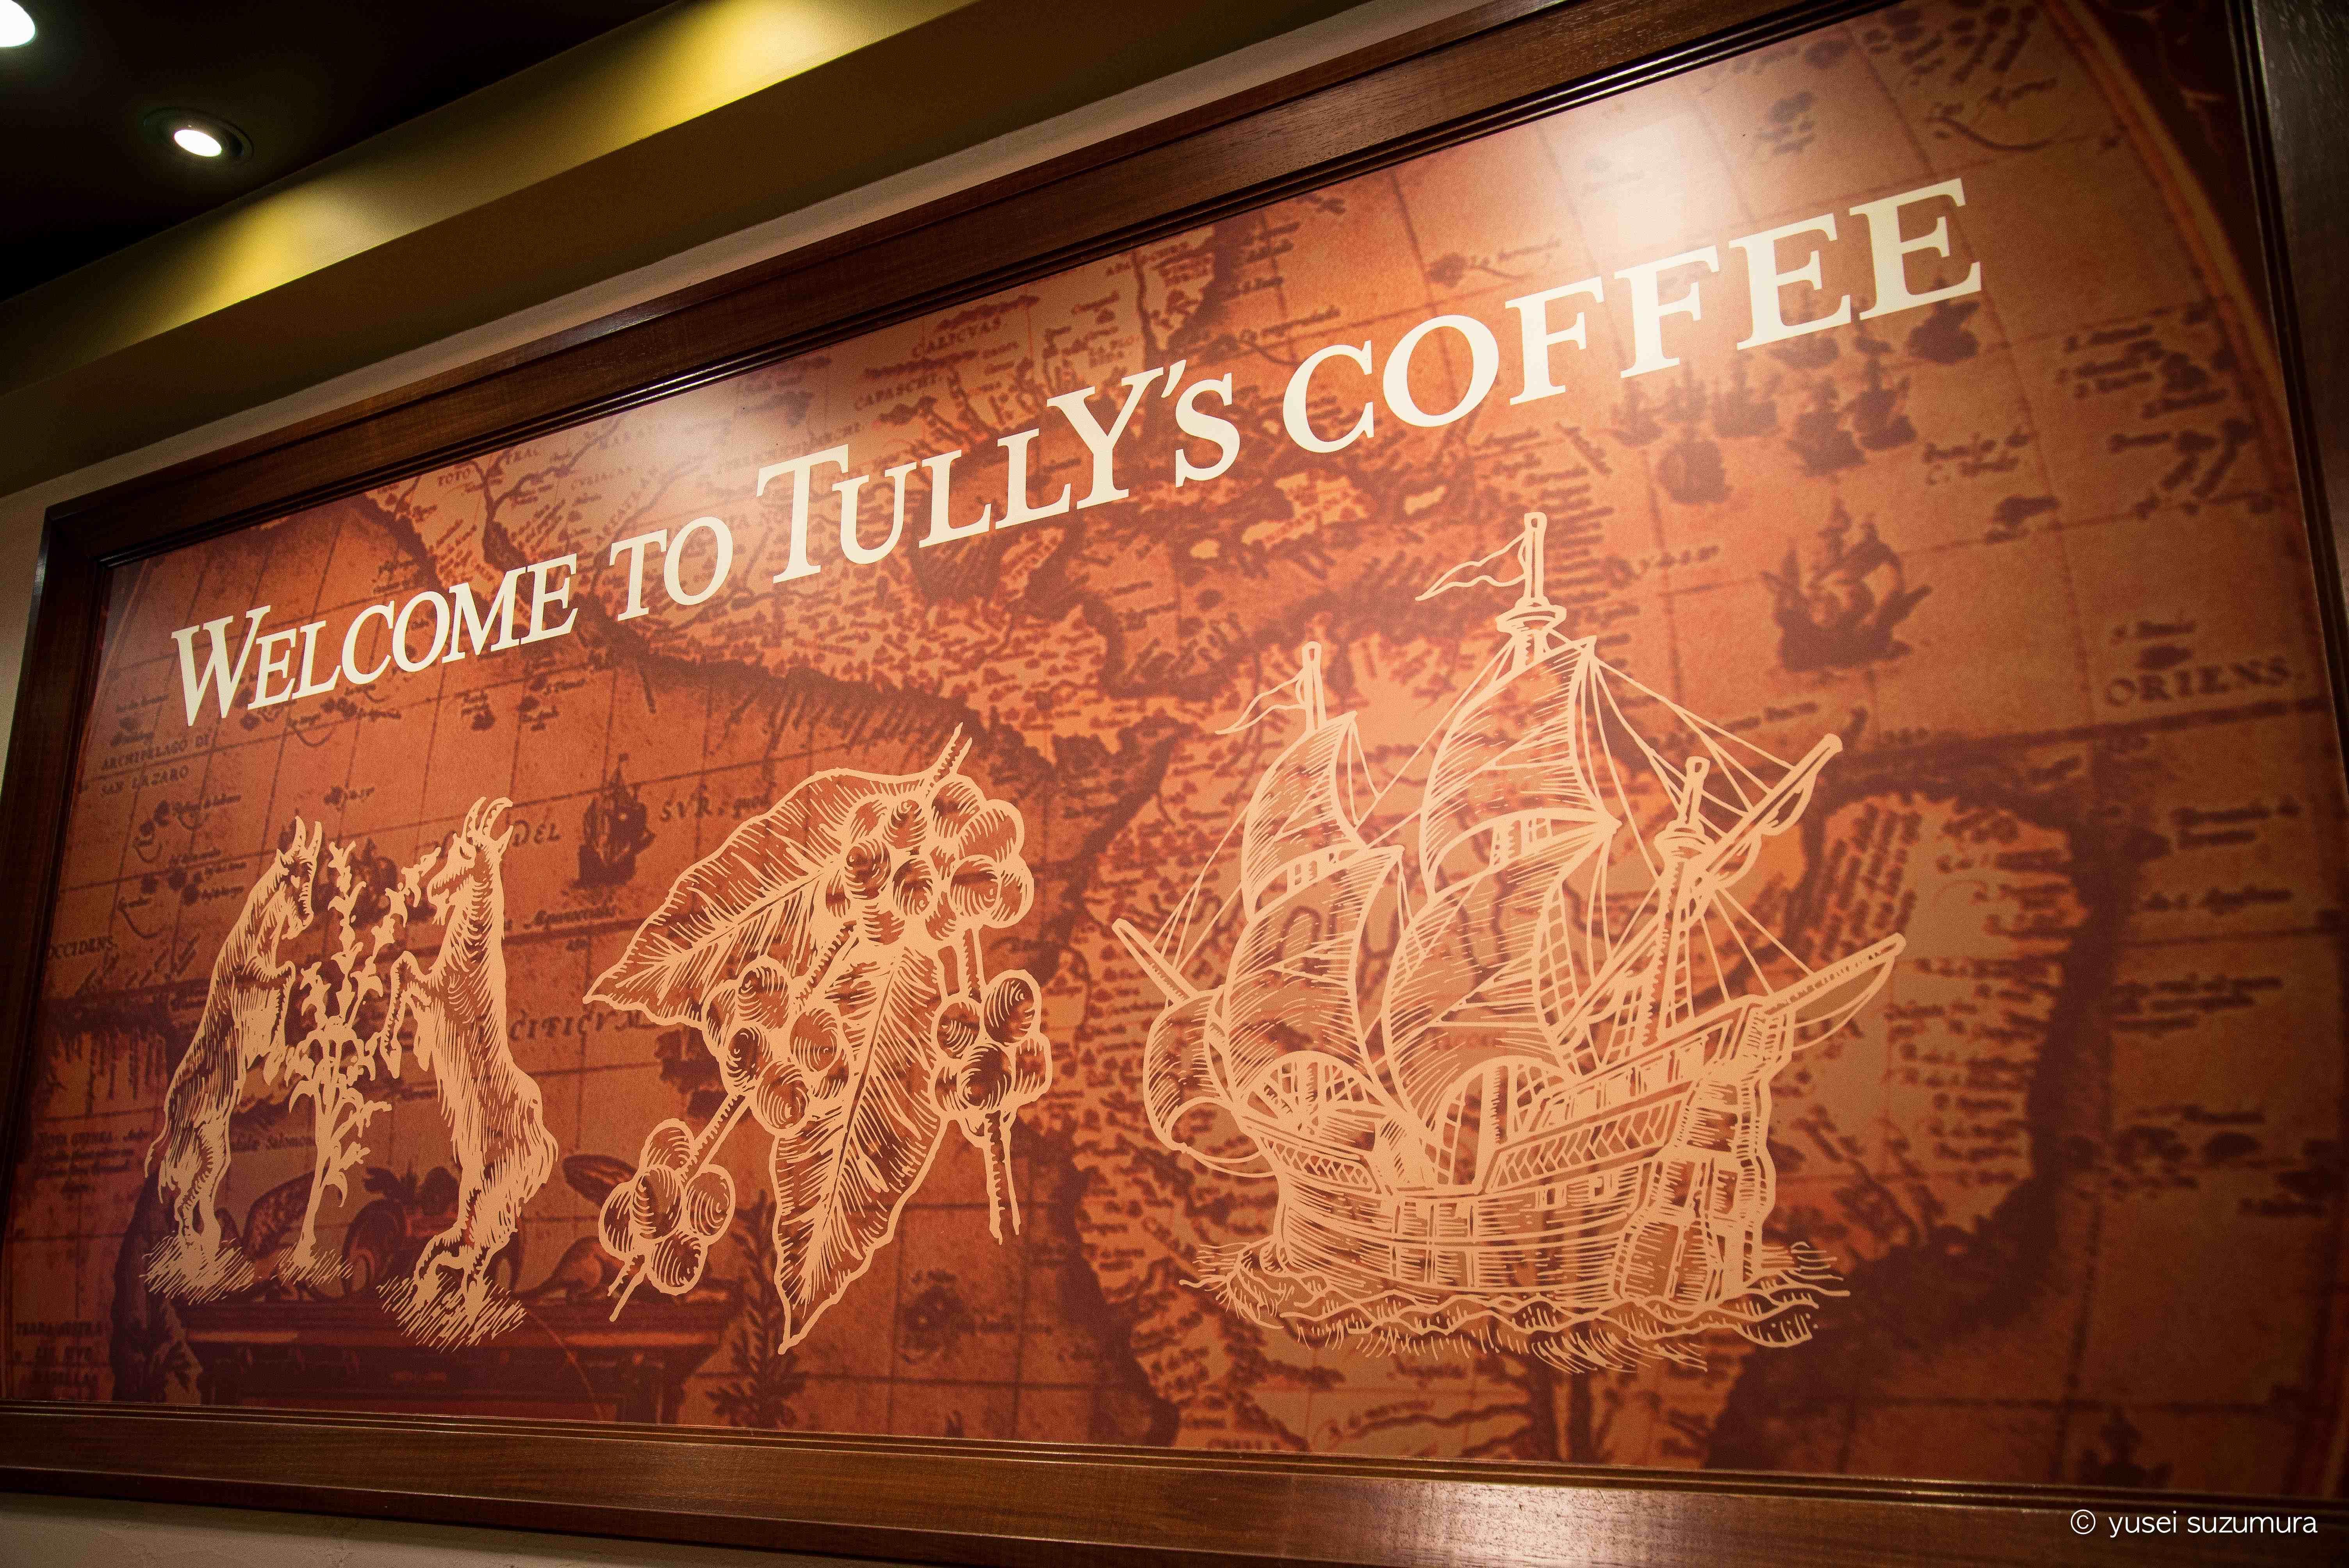 ギャラリーが併設されているタリーズコーヒー新宿2丁目店。